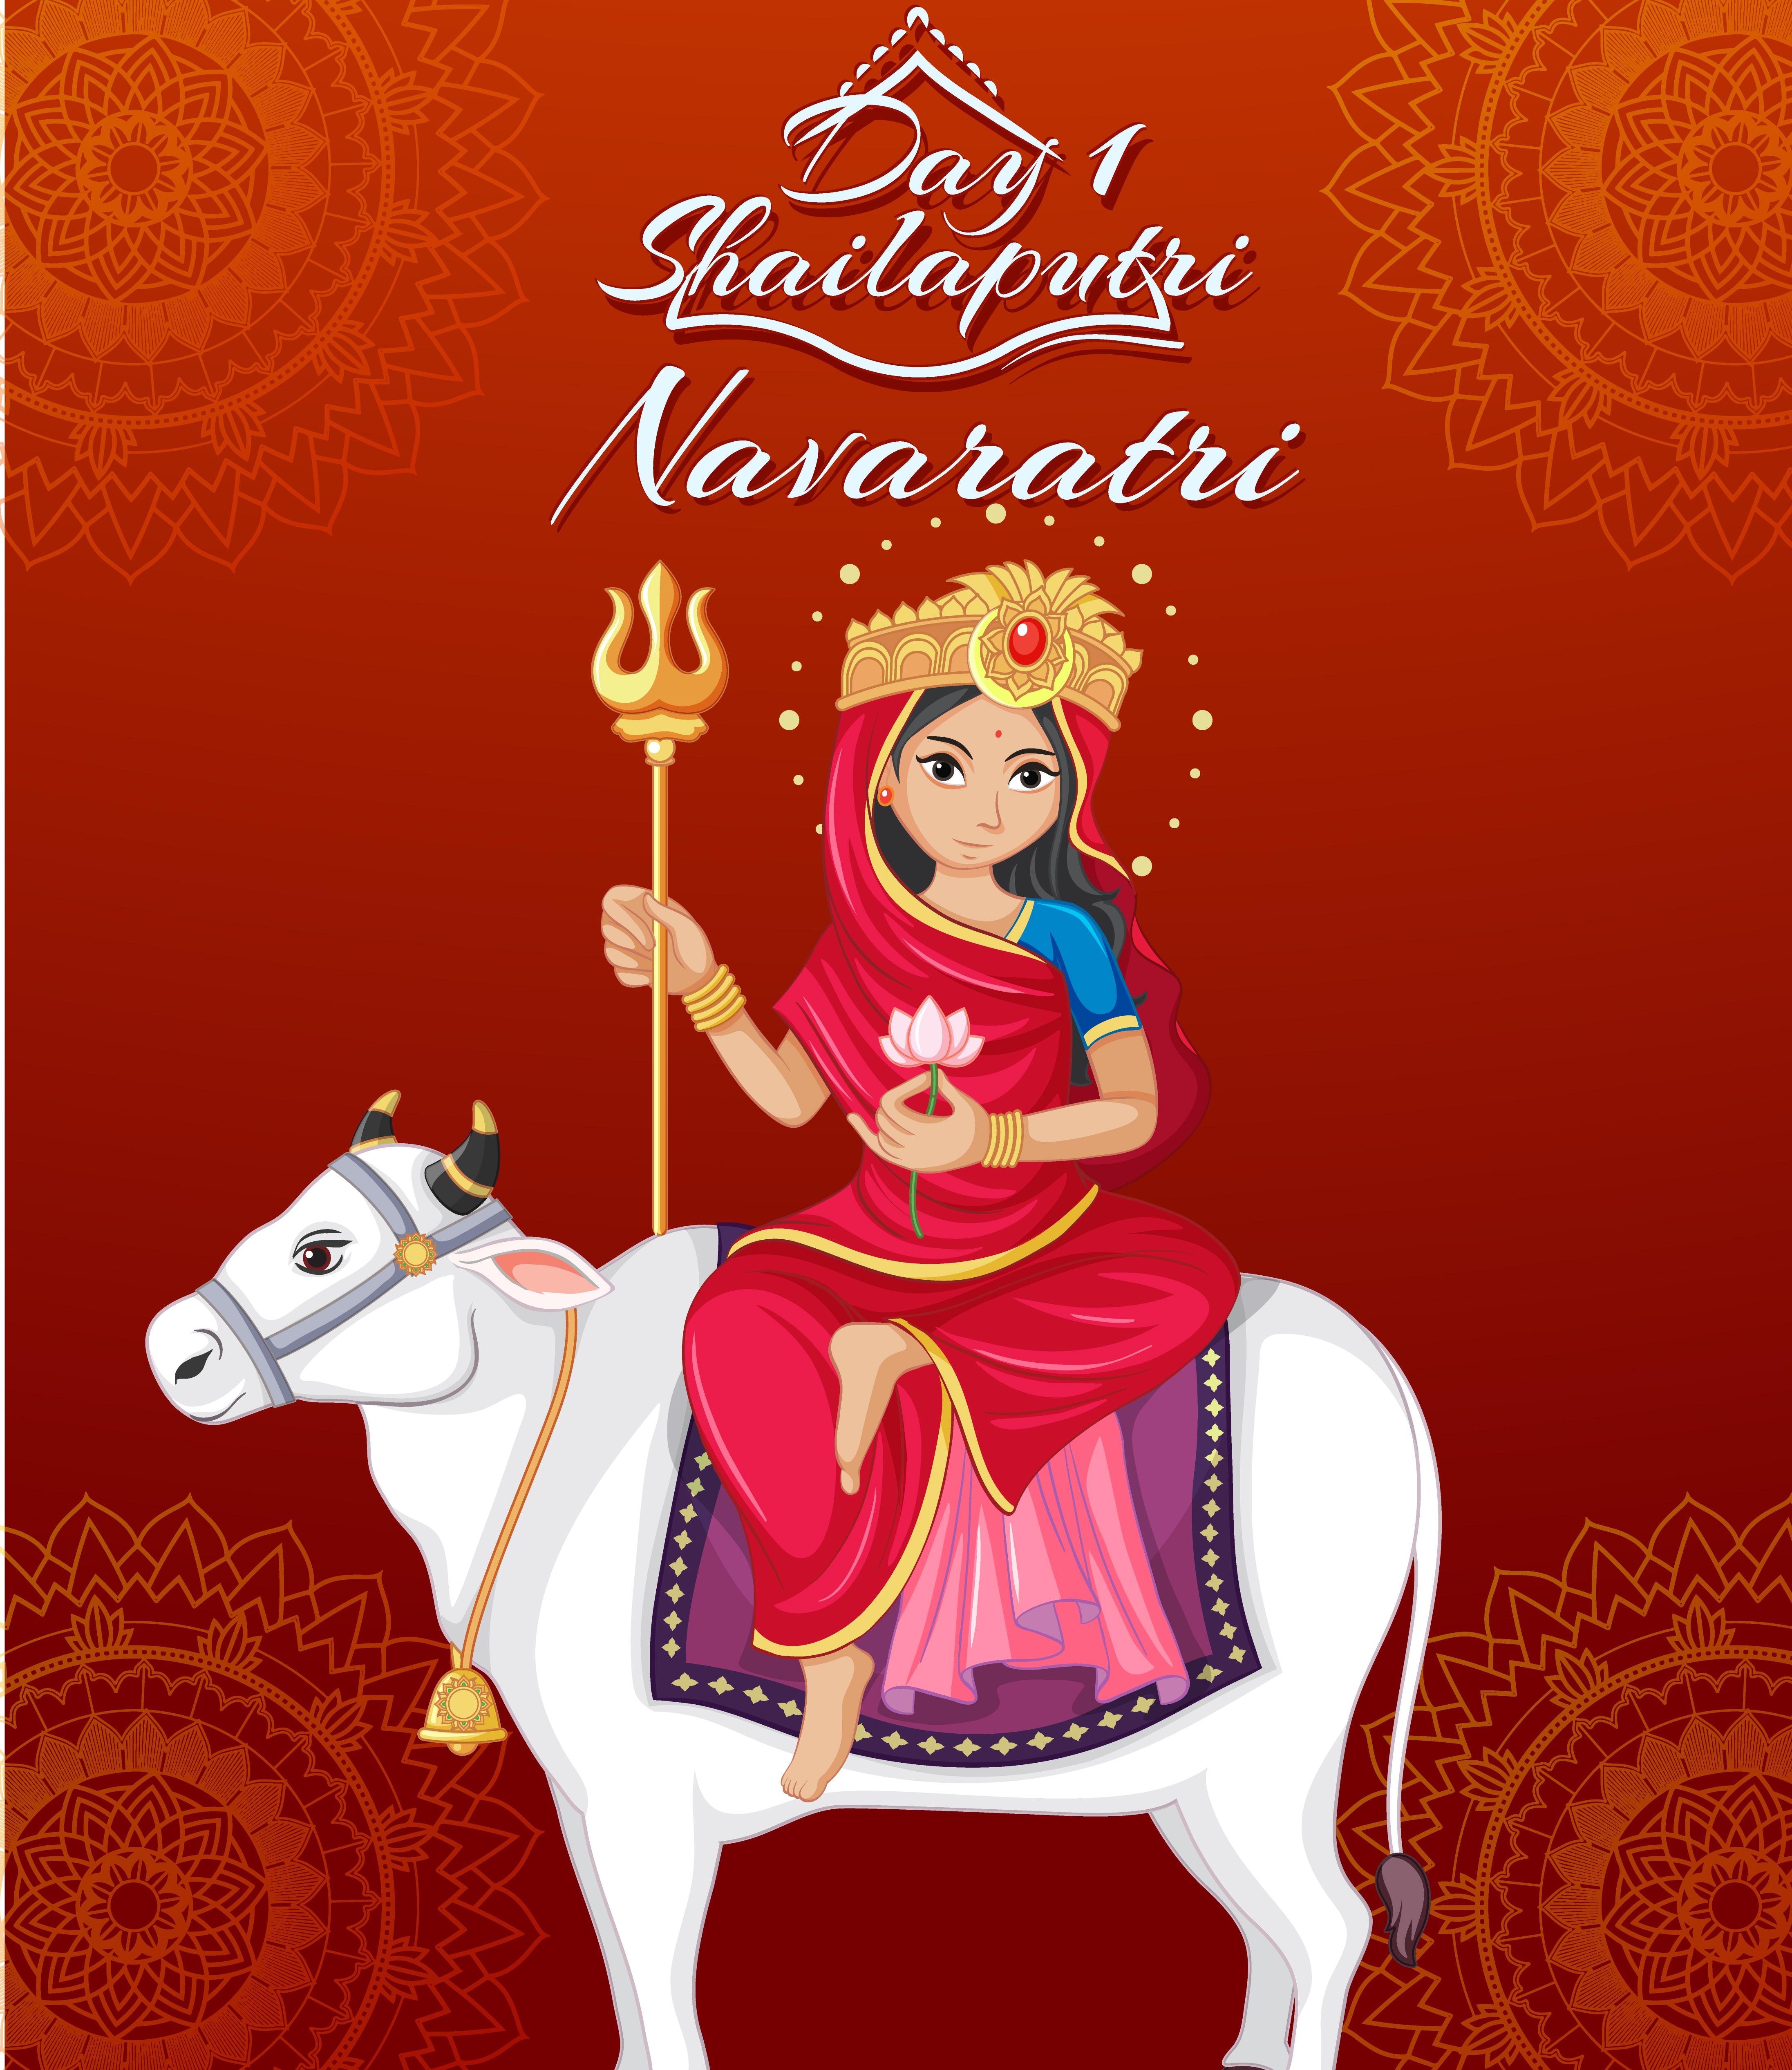 Essence of Navaratri as per Graphology: Day 1: Shailaputri